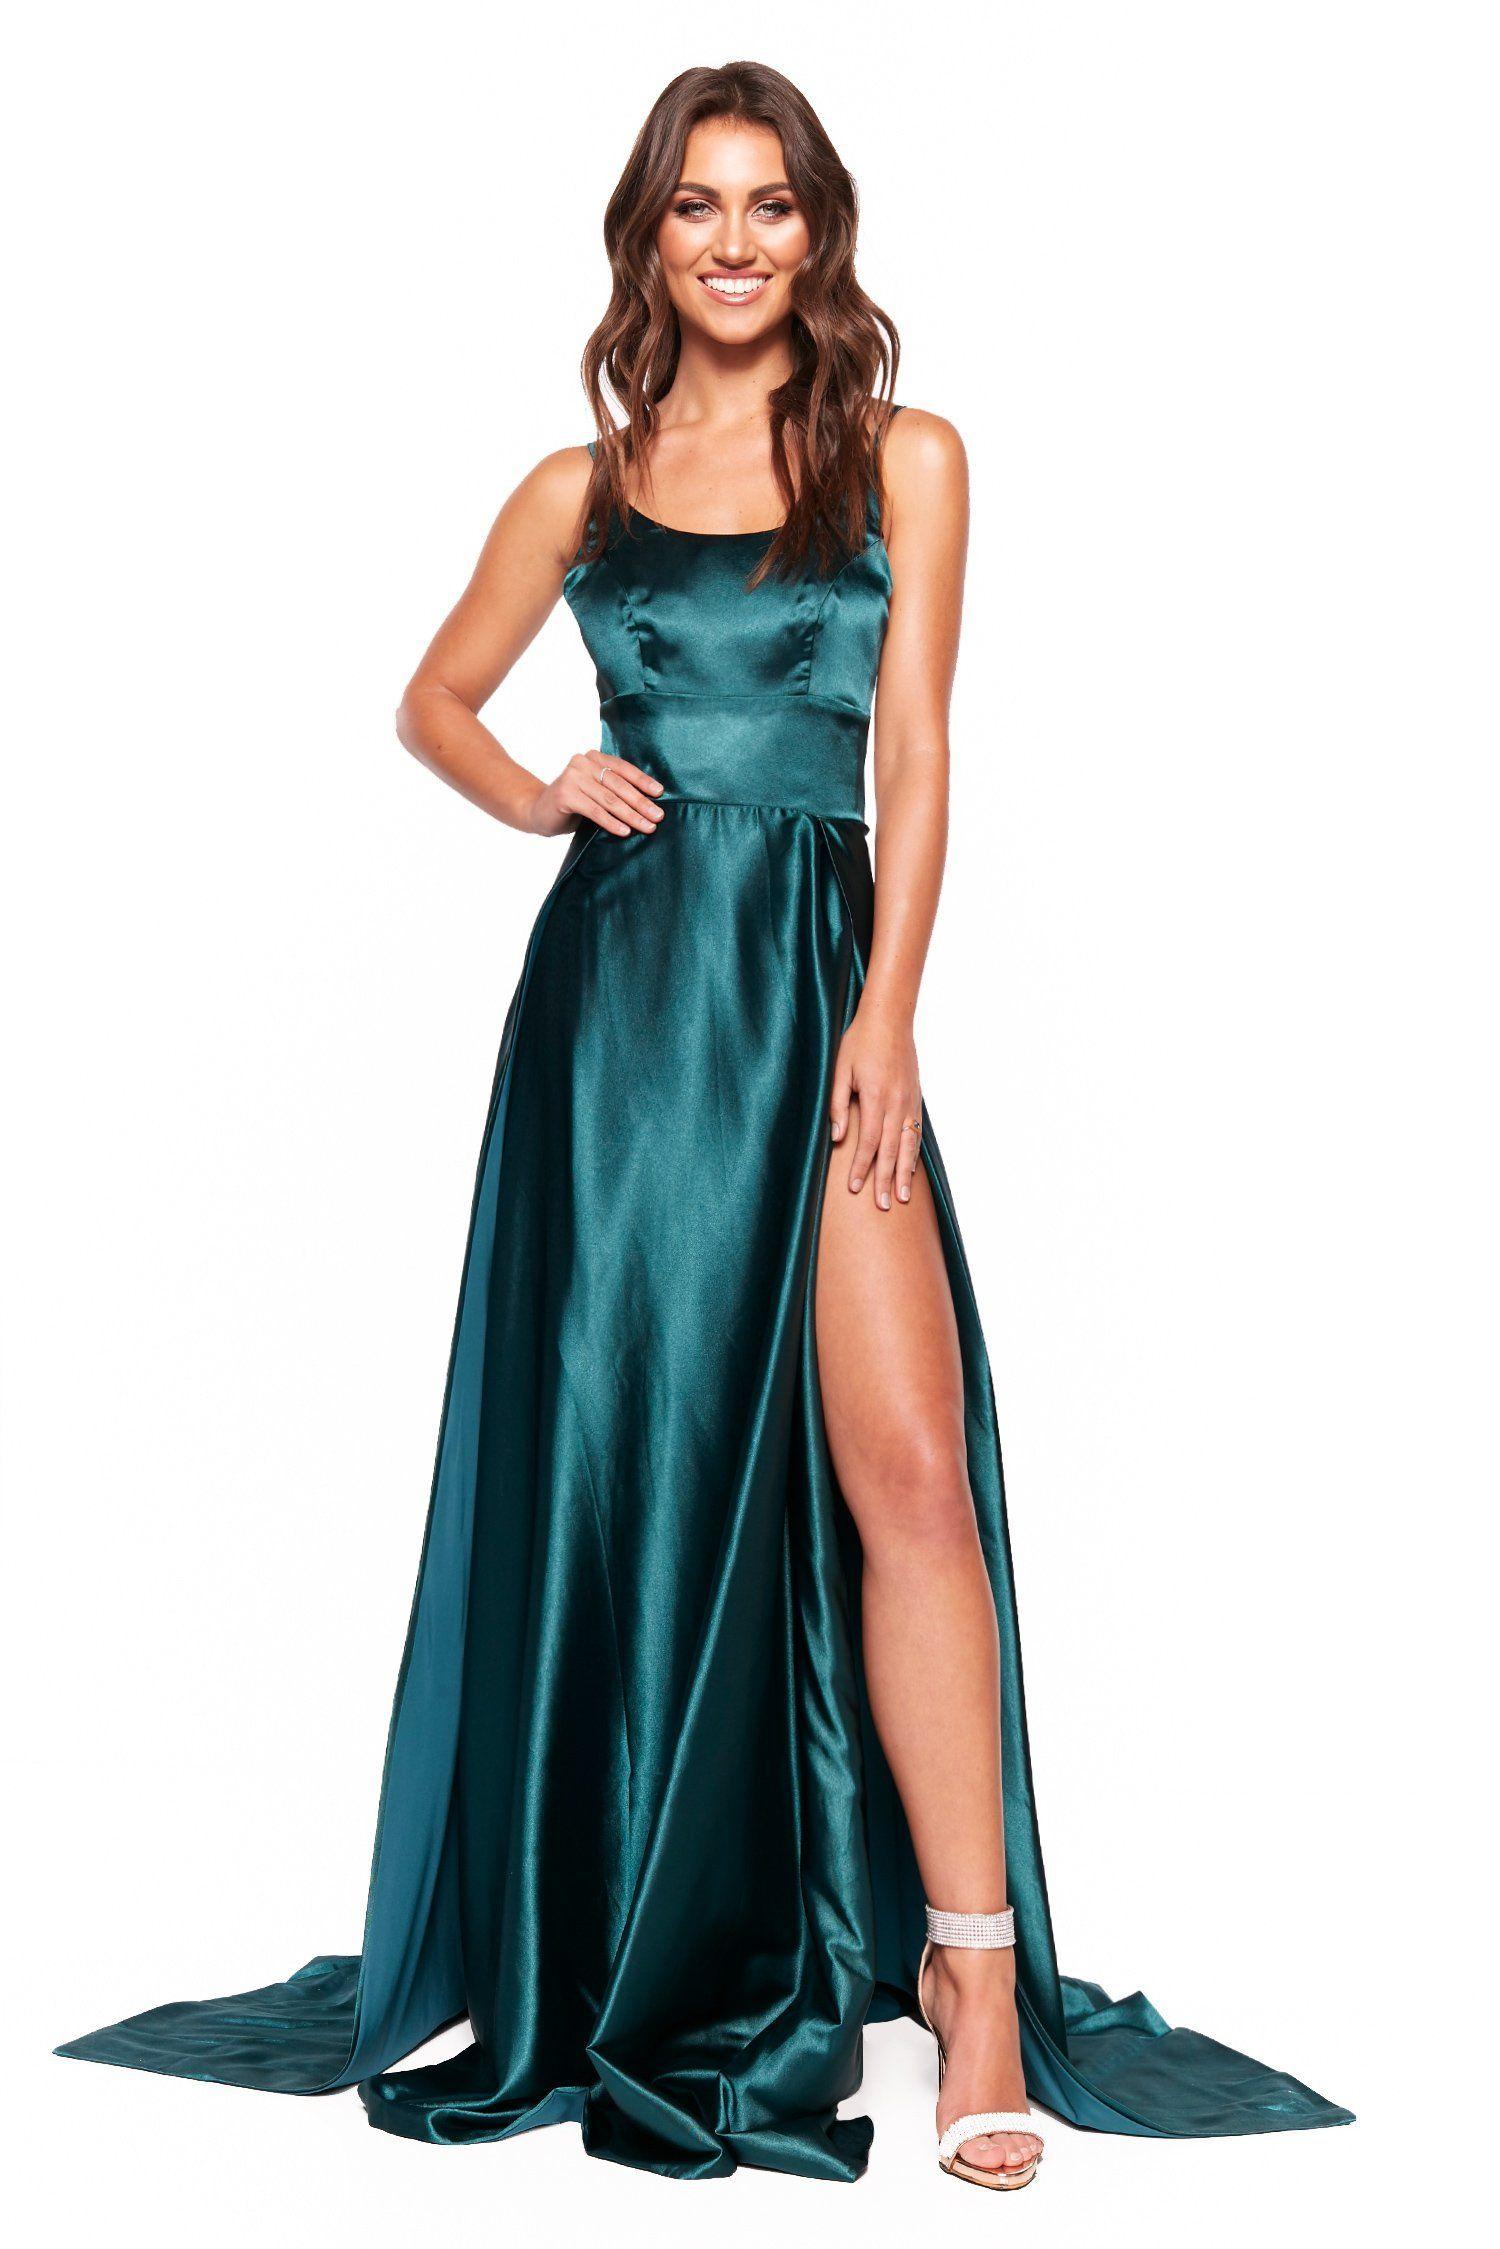 ec9aa6ac34462 Full Length Slips For Maxi Dresses Uk - PostParc